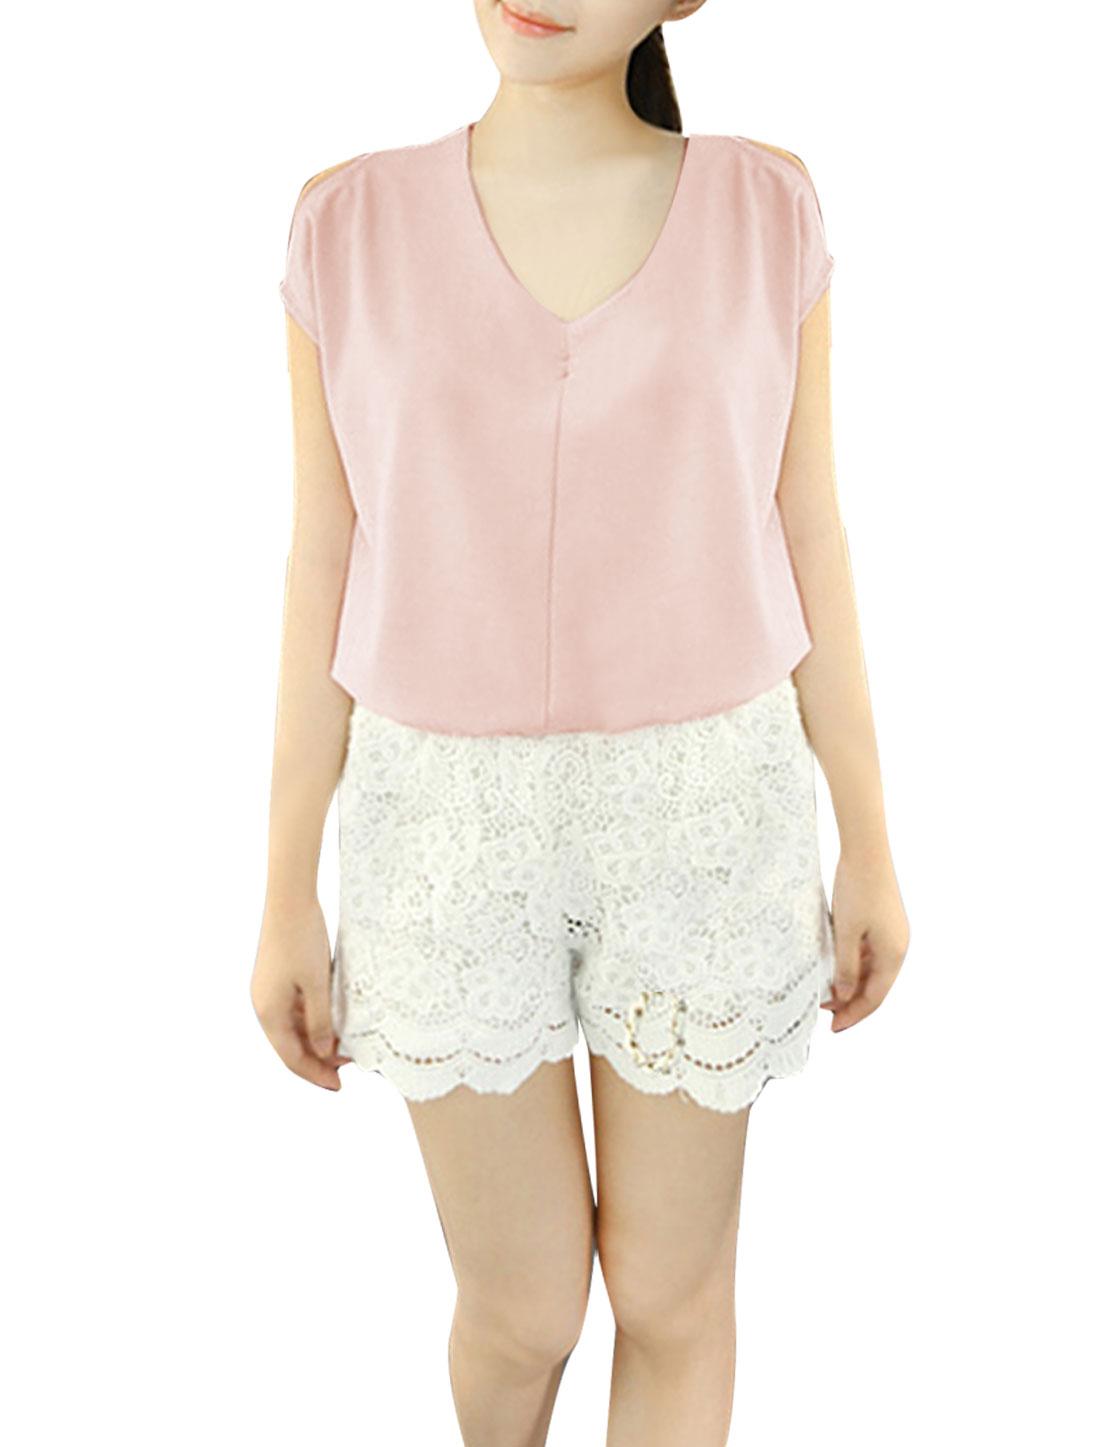 Women Deep V Neck Short Sleeve Pullover Top Shirt Light Pink S